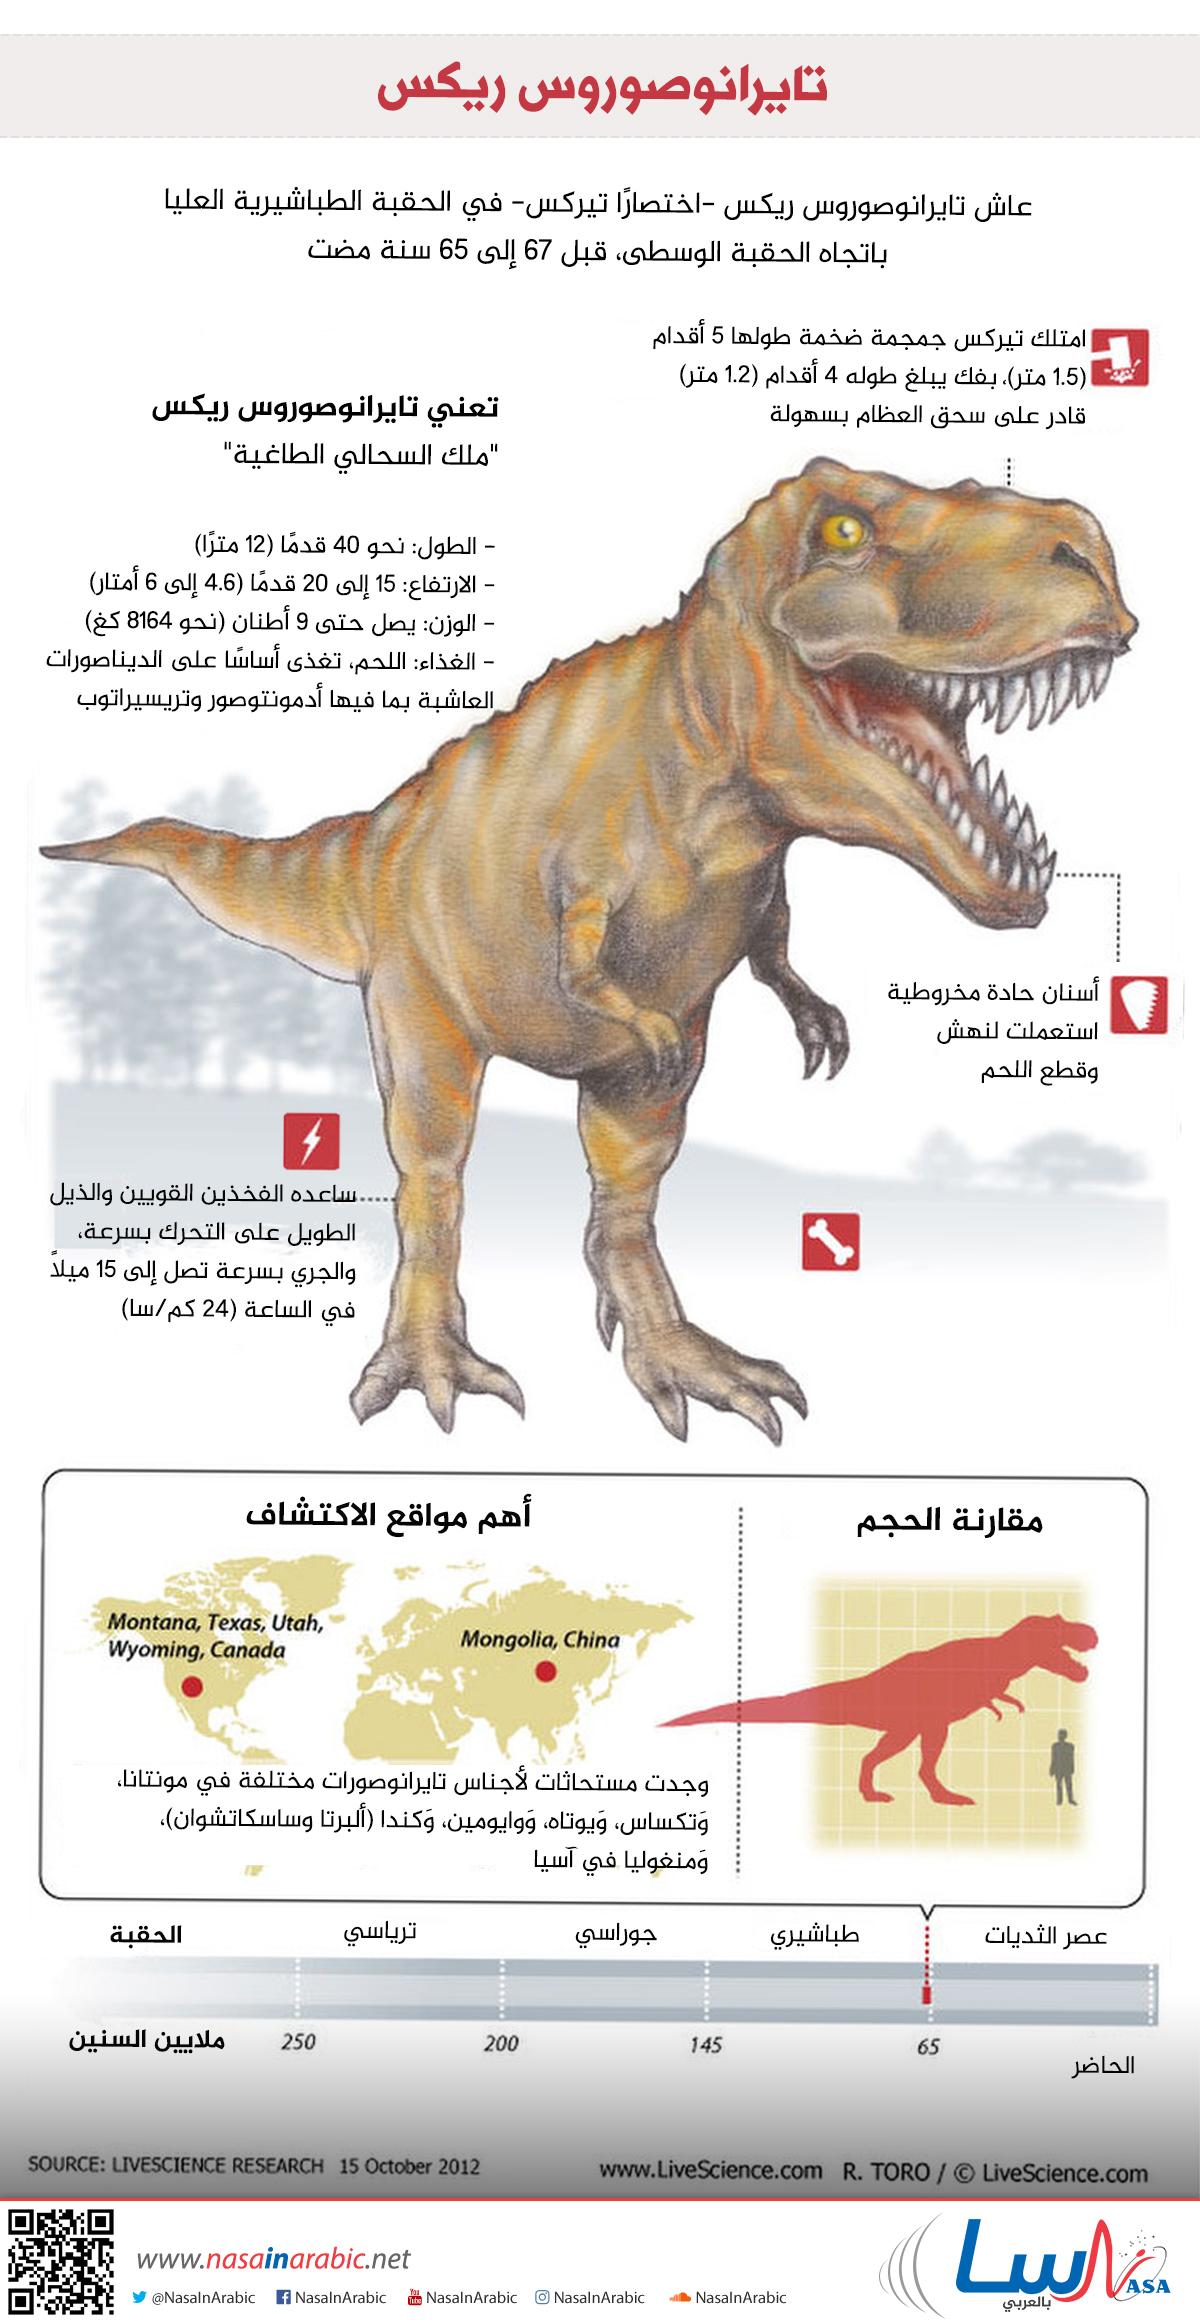 ناسا بالعربي - حقائق مثيرة عن ملك الديناصورات: التيركس